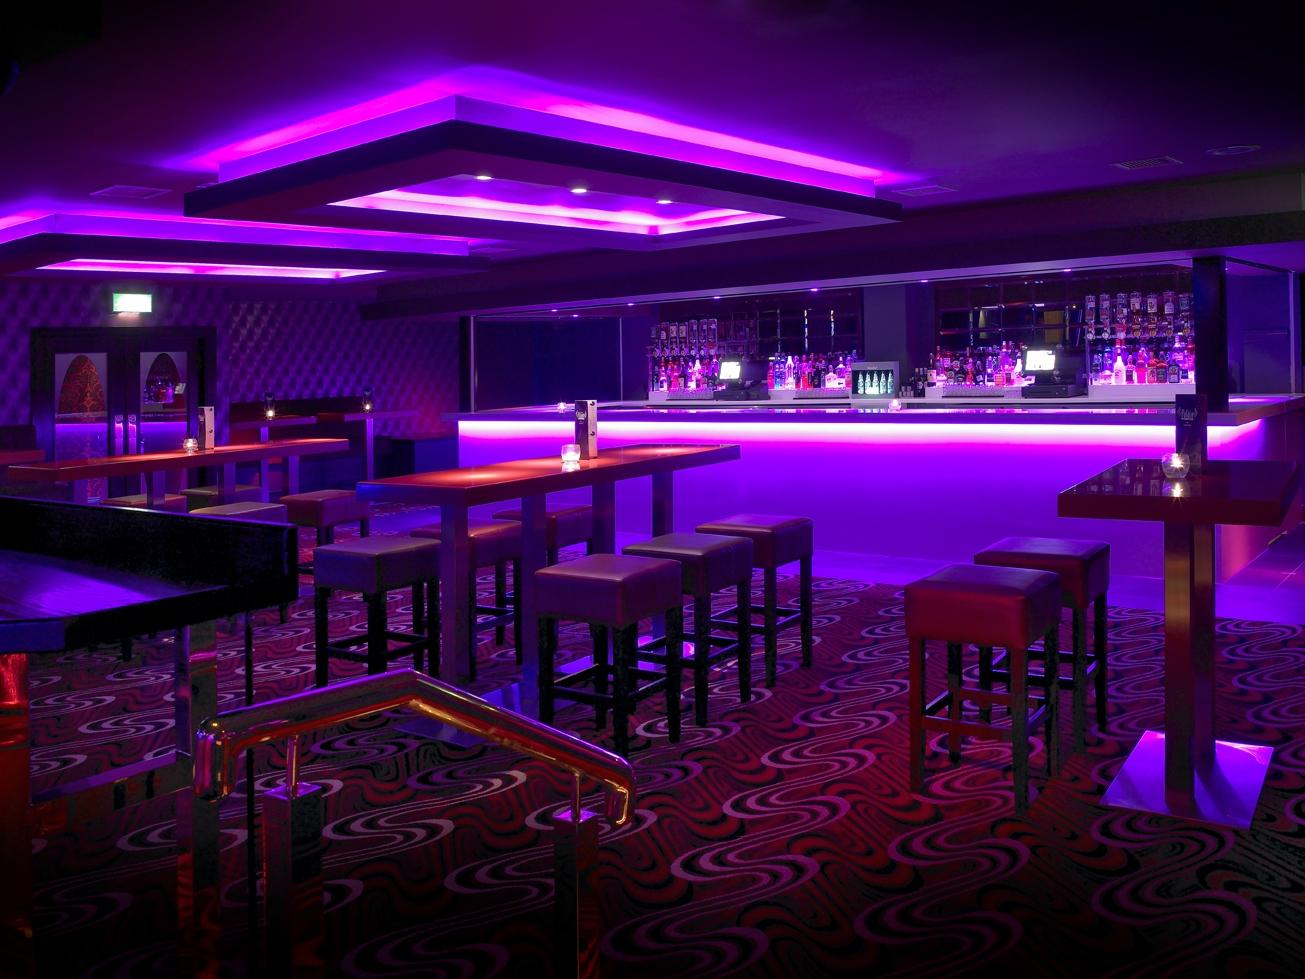 Palace-nightclub-bar-tullamore